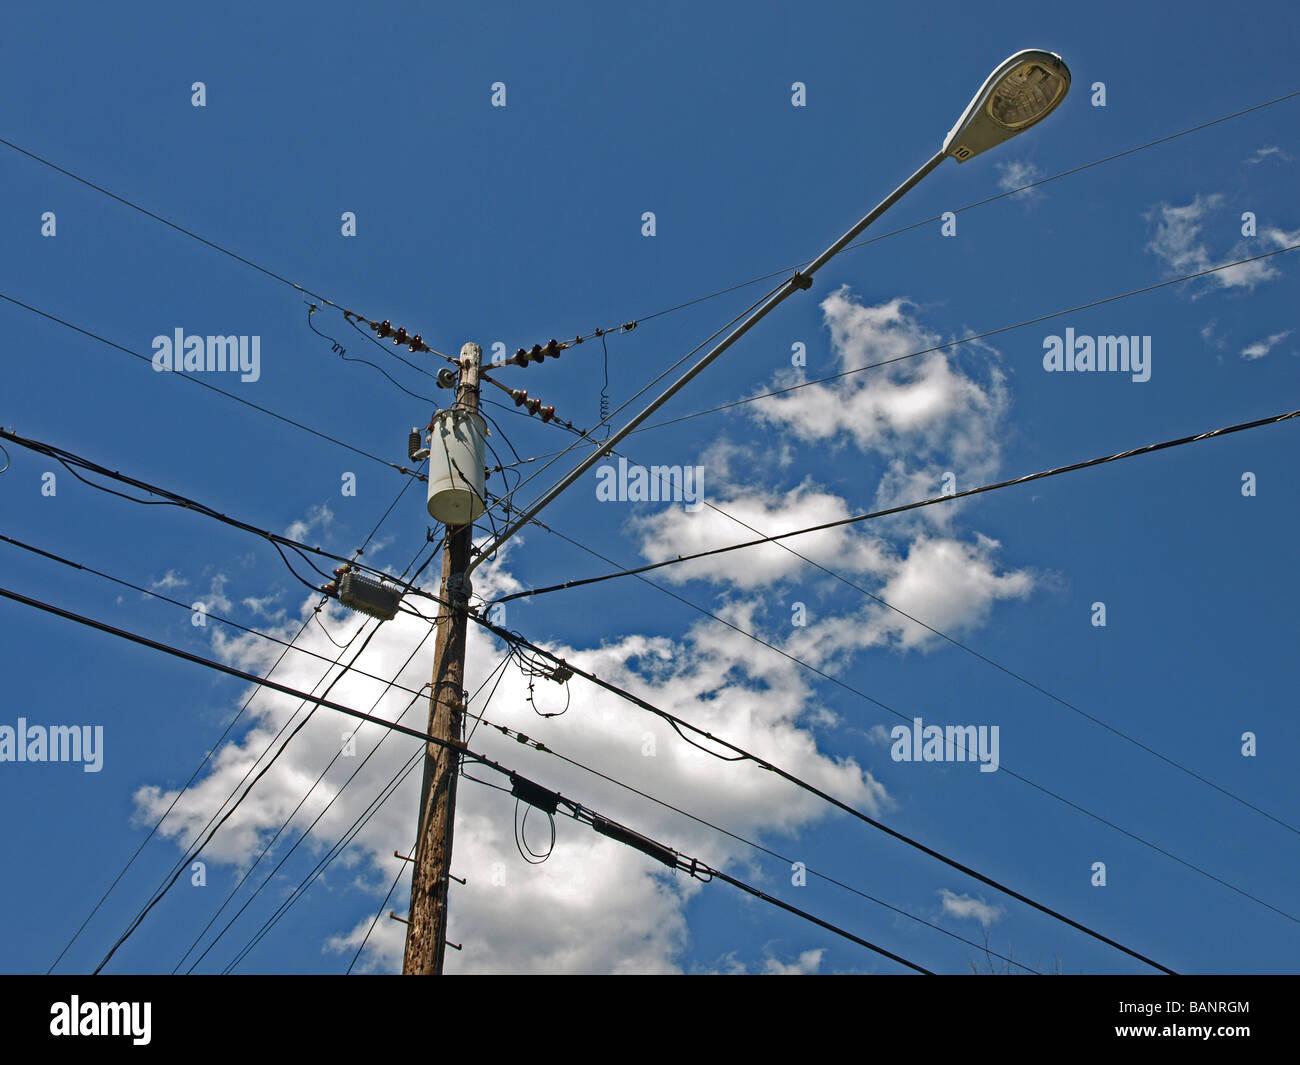 Utilitaire d'alimentation et les fils avec réverbère, nuages, ciel bleu, générateur, électriques, Photo Stock